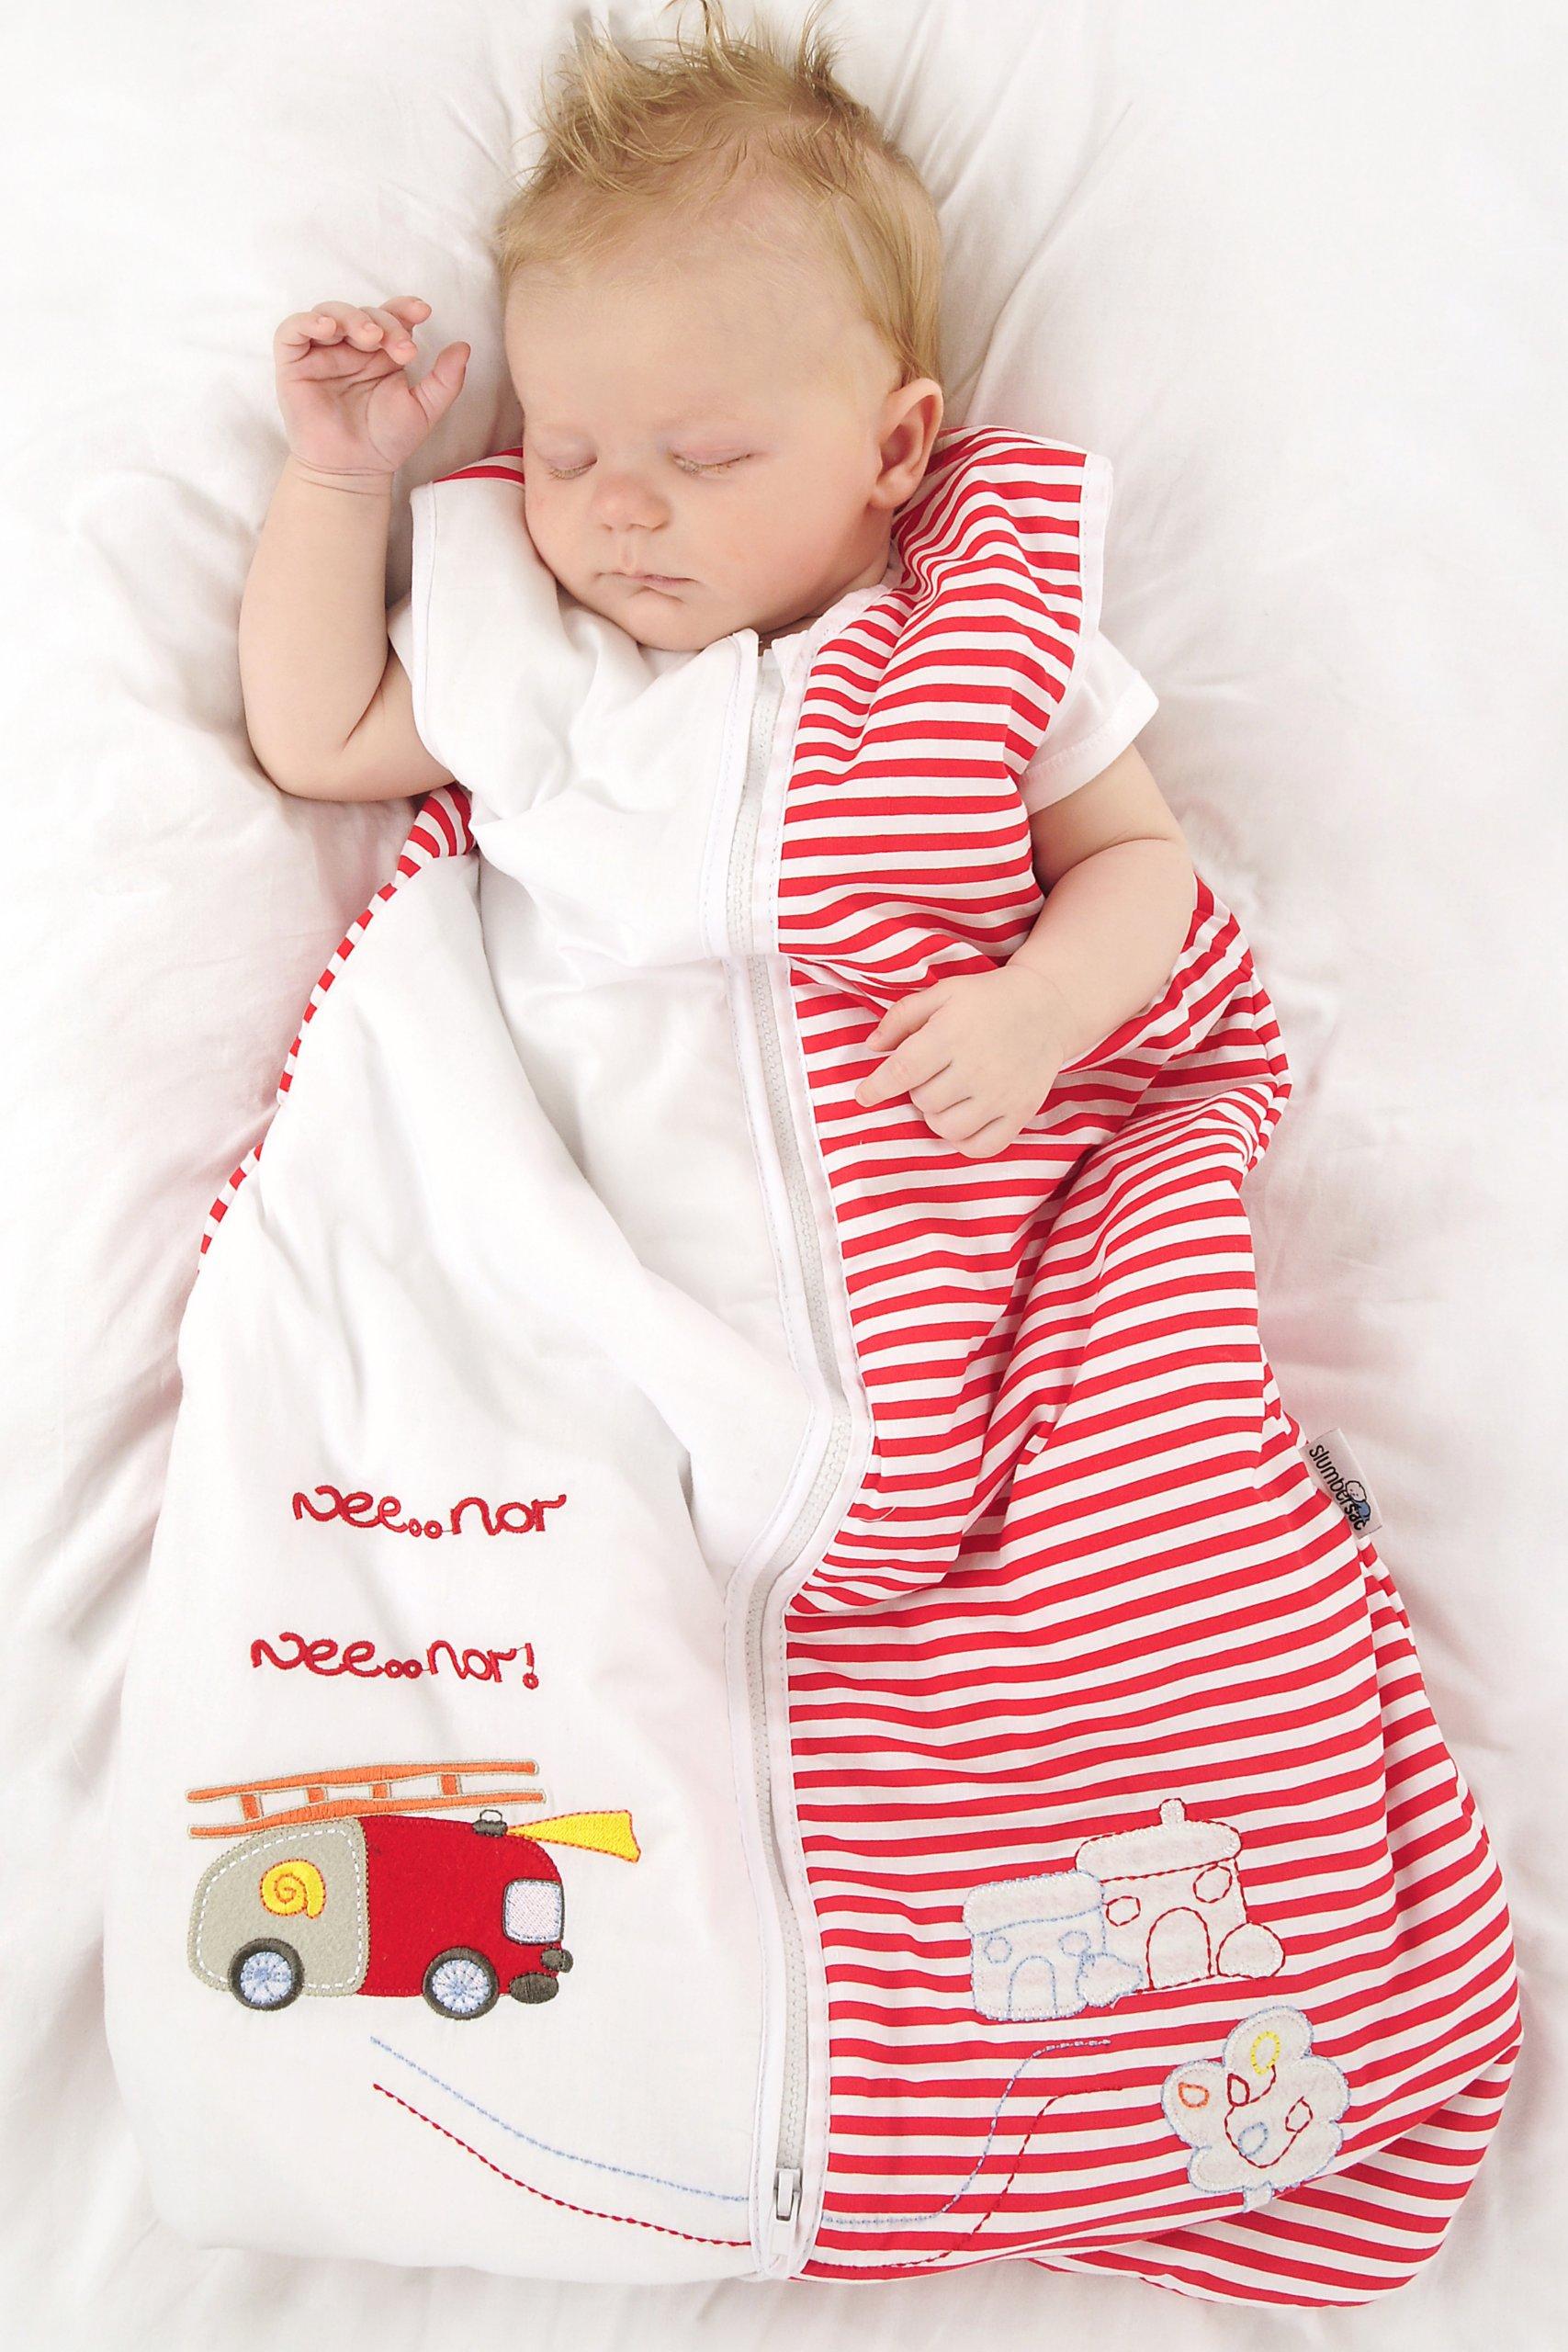 Bebé de Verano Saco de dormir 1 Tog – Varios tamaños: desde el nacimiento hasta los 10 años